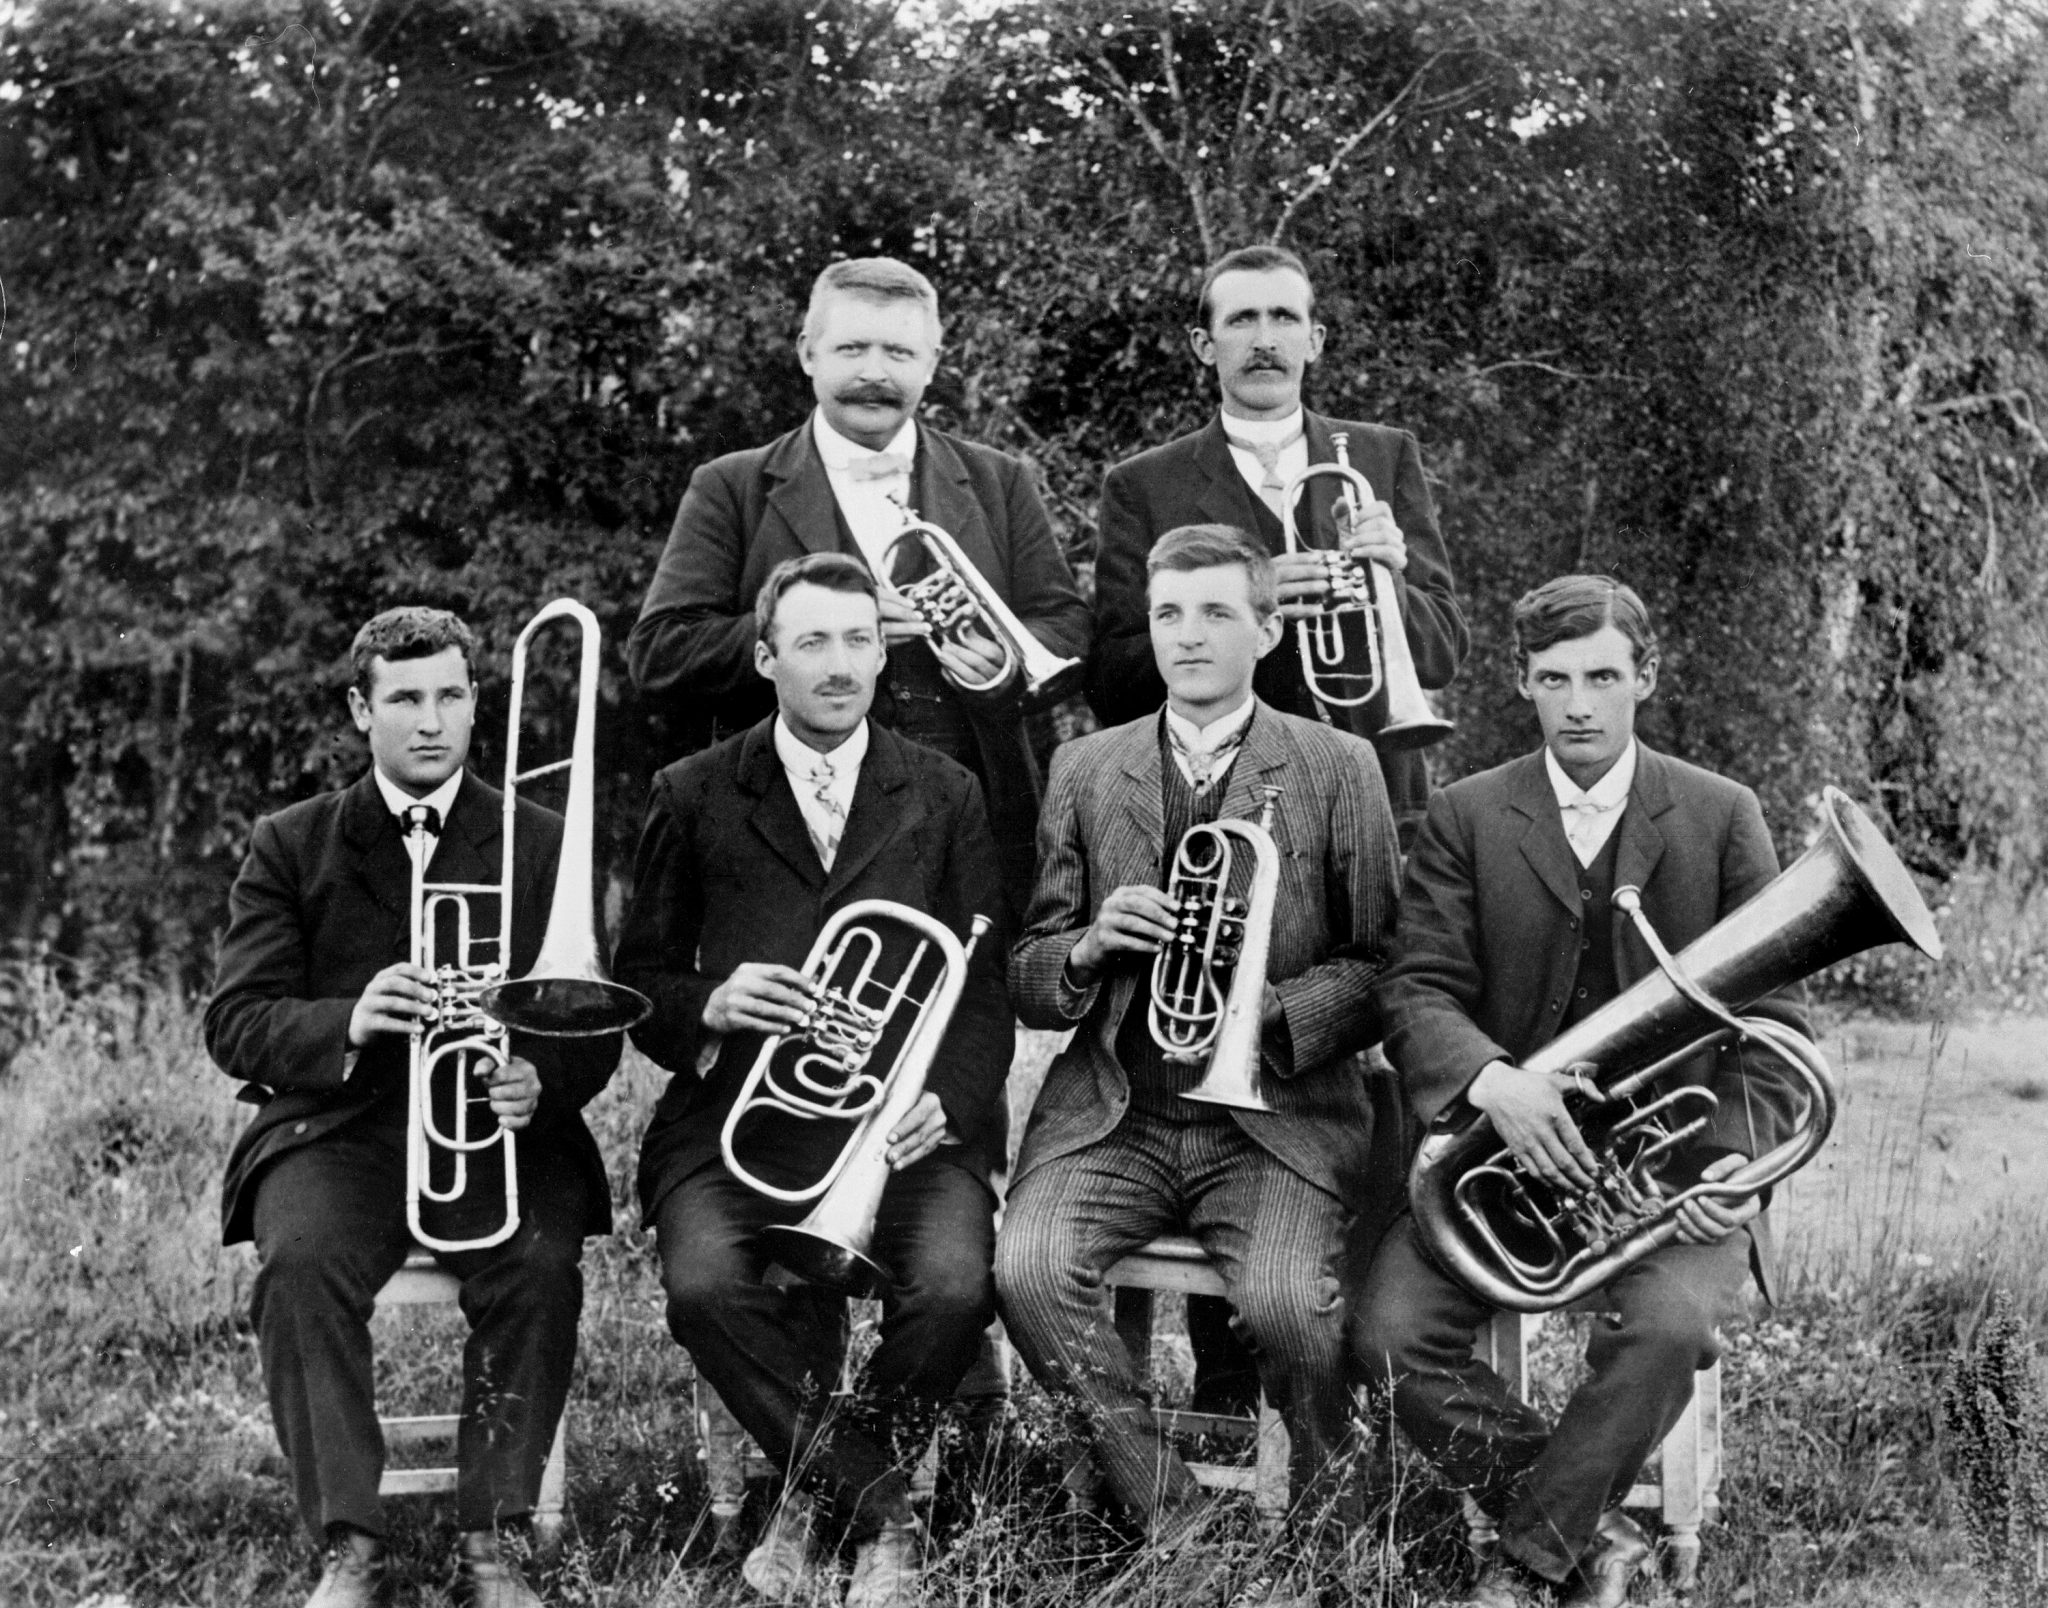 Spydeberg-musikken i parken nedenfor Gamle Fjellheim 1910. Spydebergmusikken blei nedlagt i 1920 og etterfulgt av Grinimusikken. Fotograf ukjent / Østfold fylkes billedarkiv. ØFB.1986-00498